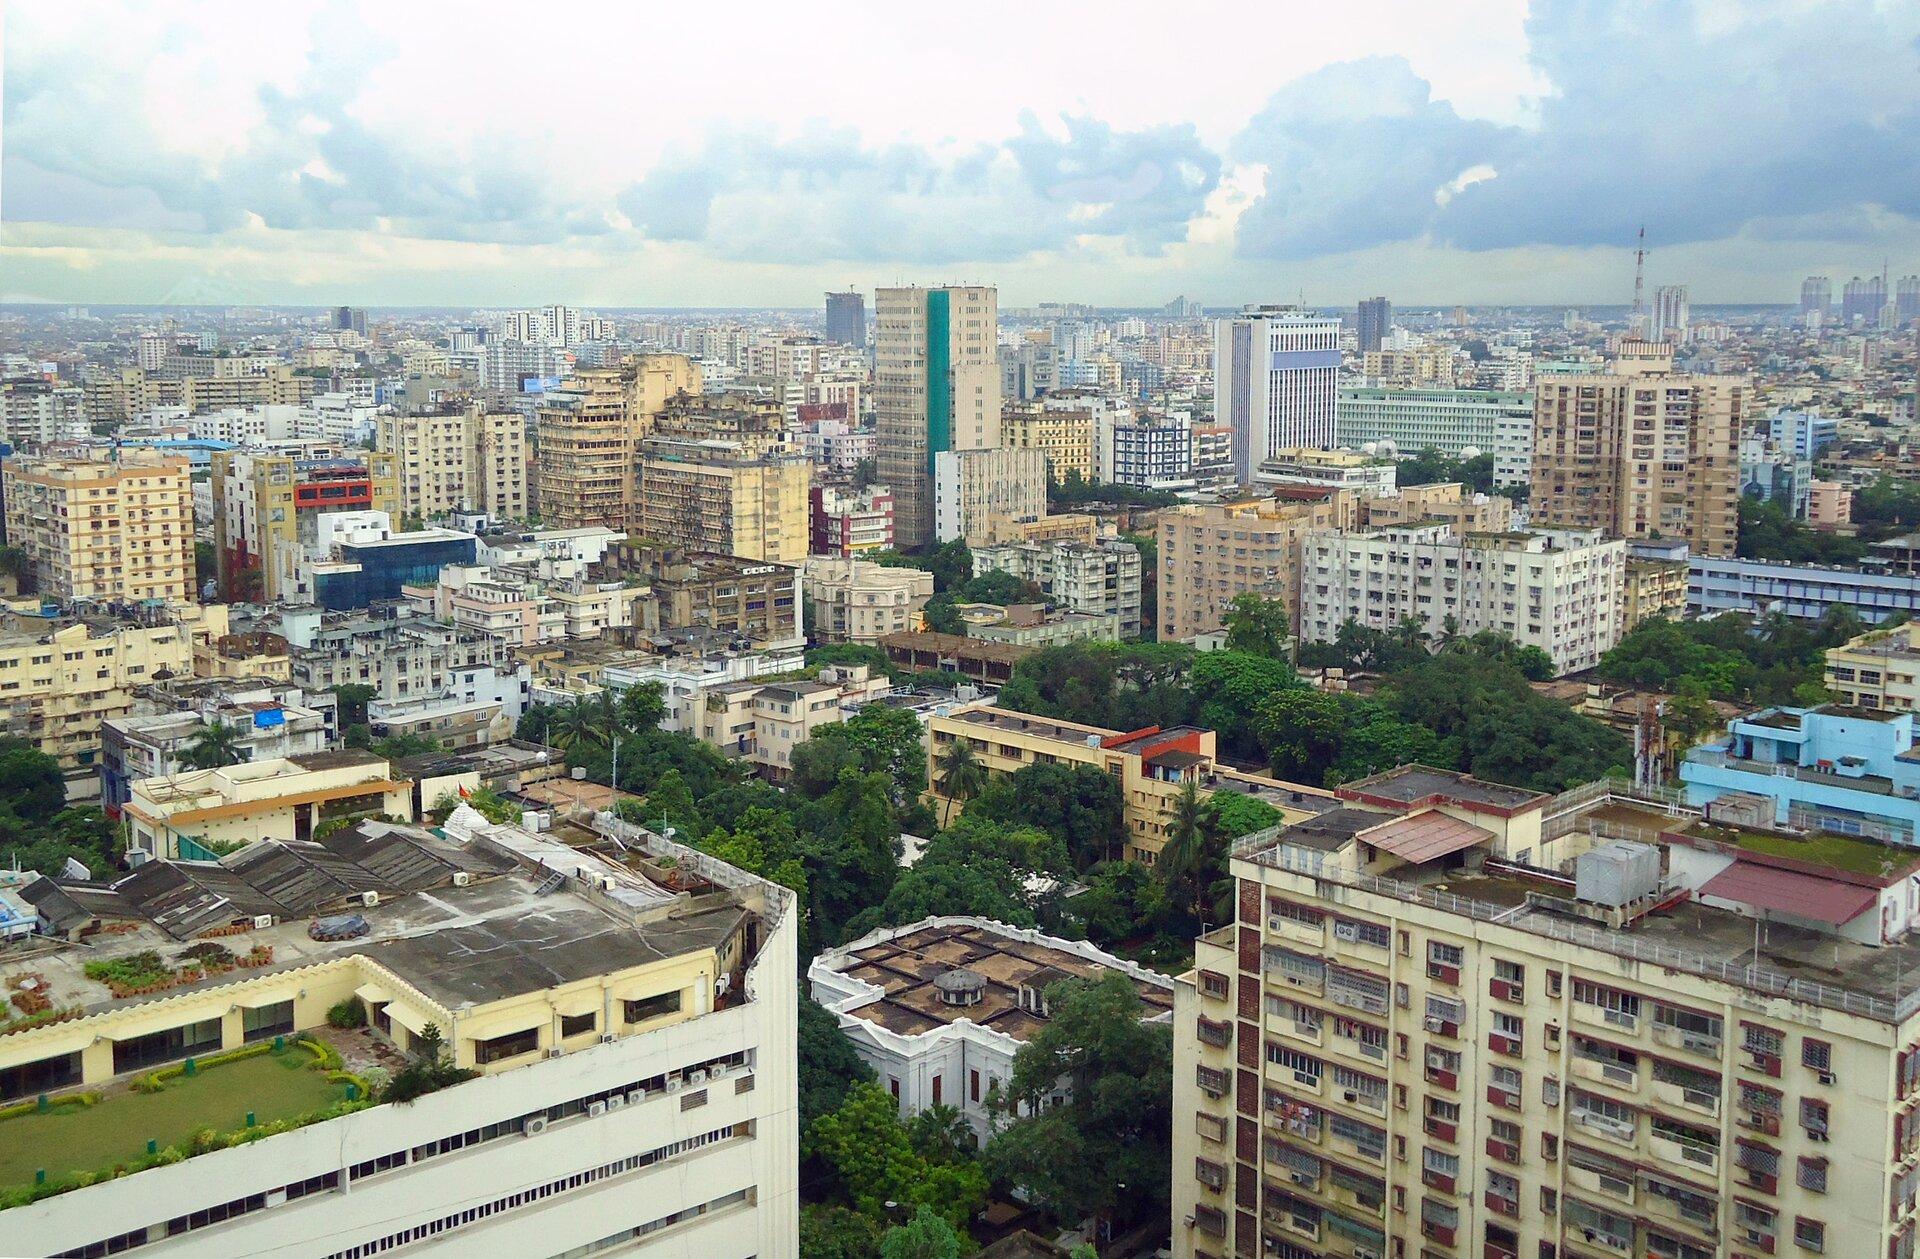 Gęsta, nowoczesna, wysoka zabudowa miejska.